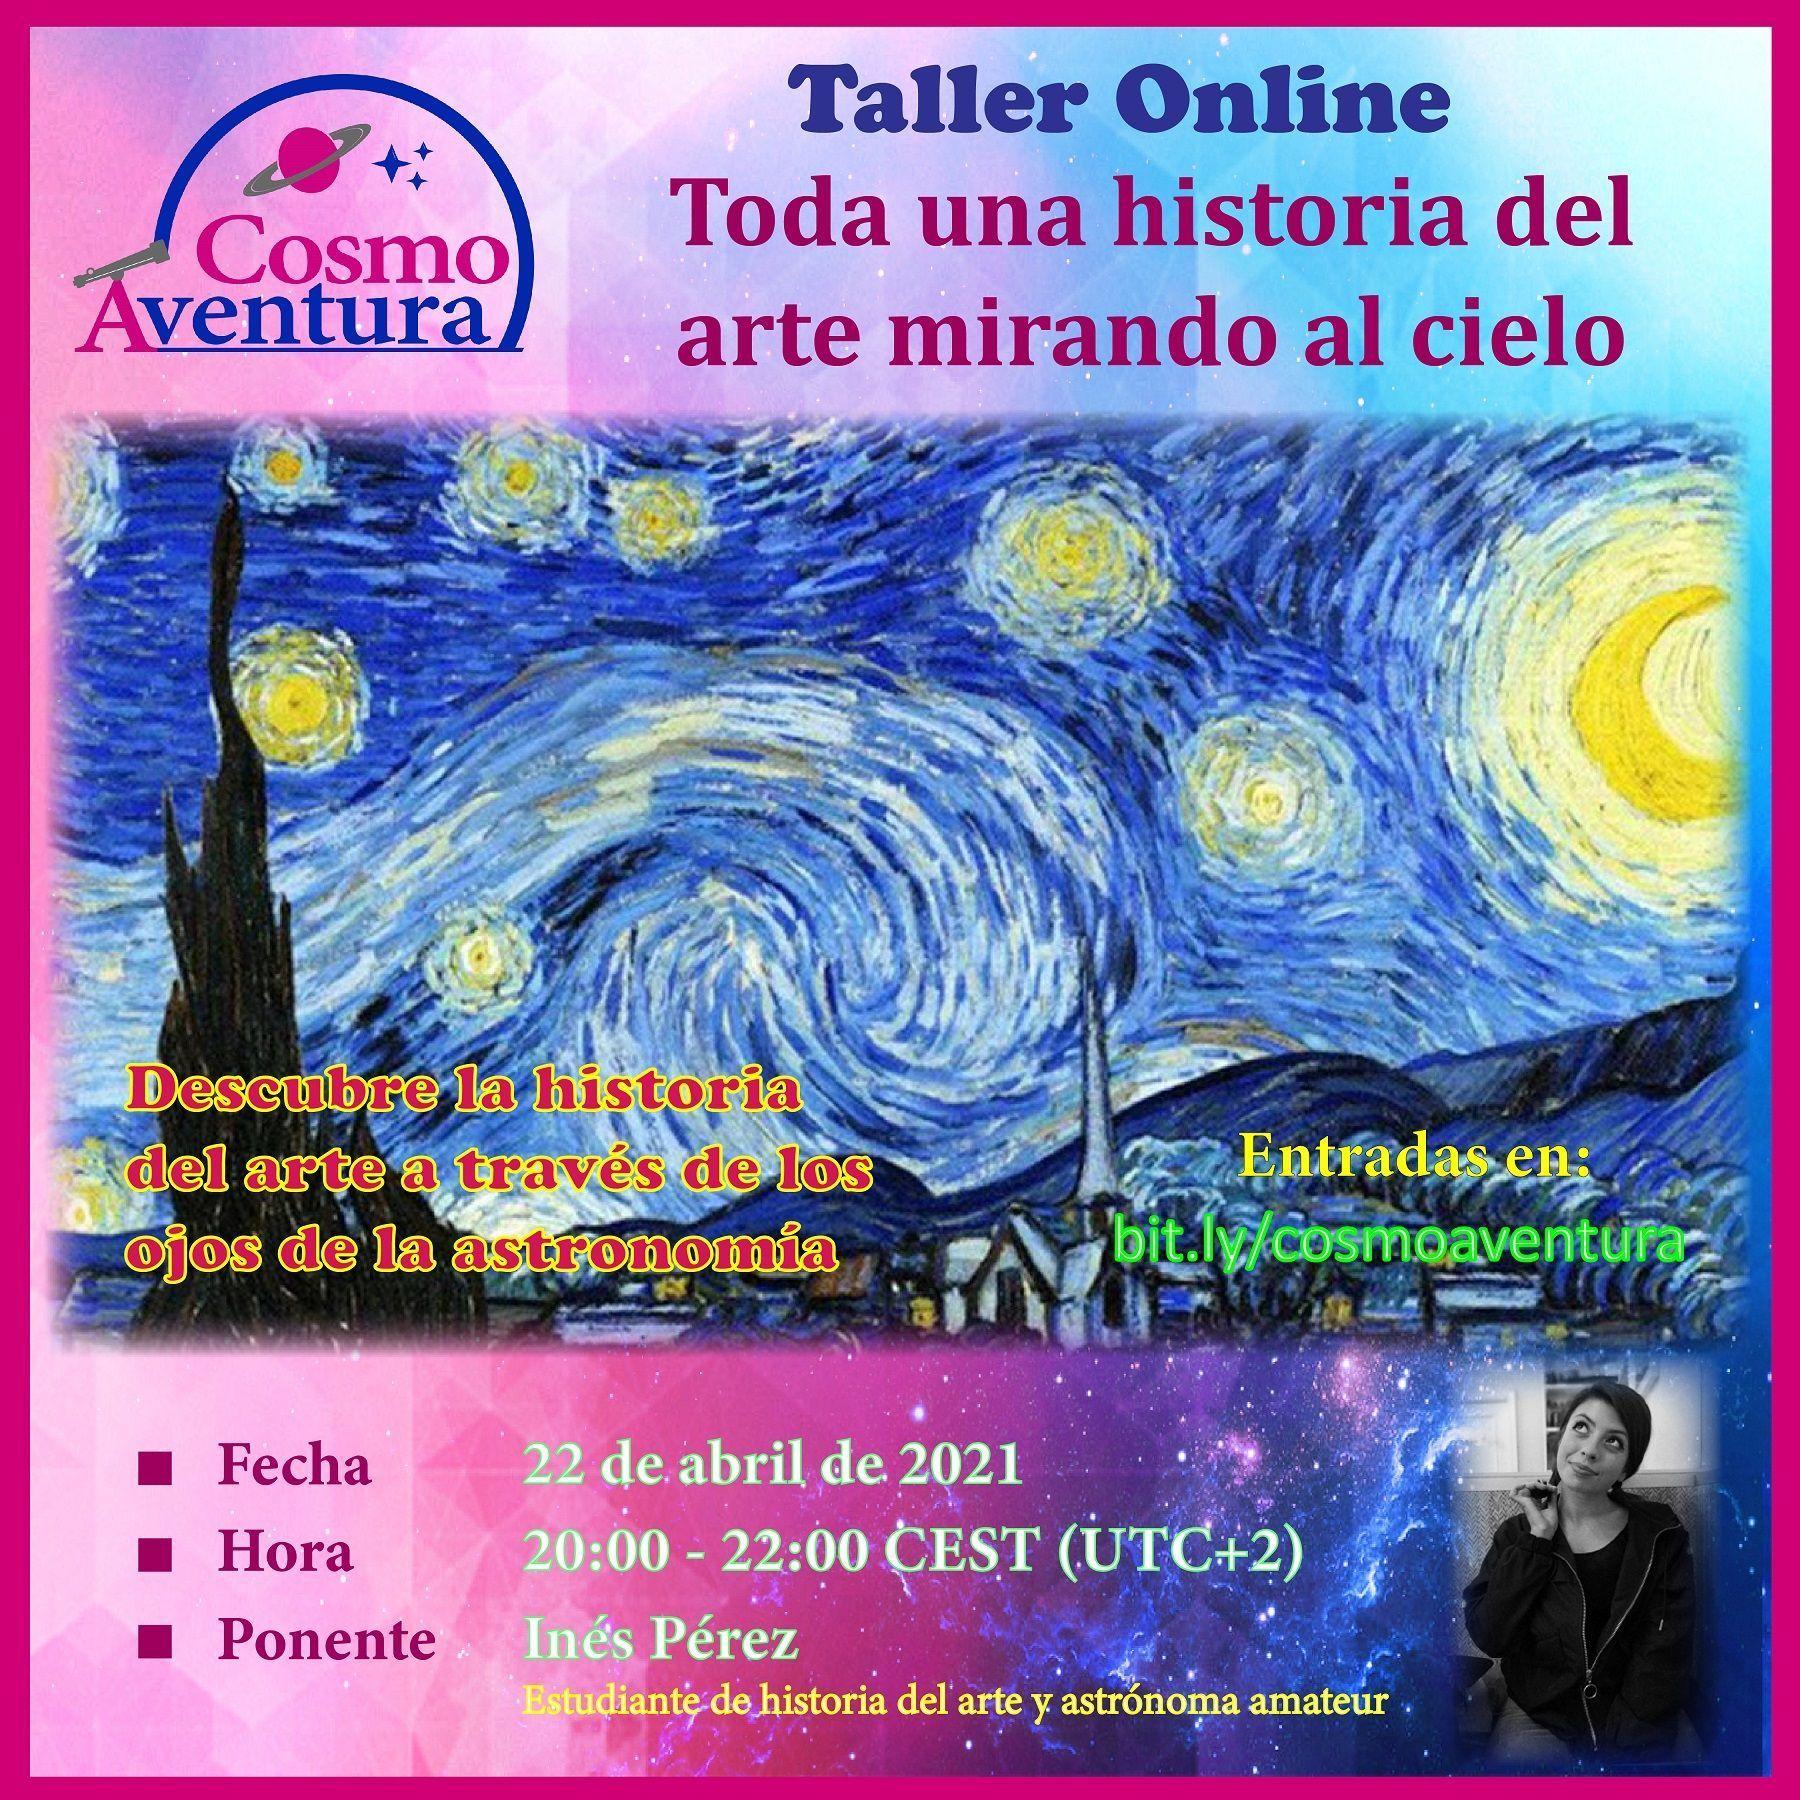 22-04-2021.- Taller Online: Toda una historia del arte mirando al cielo